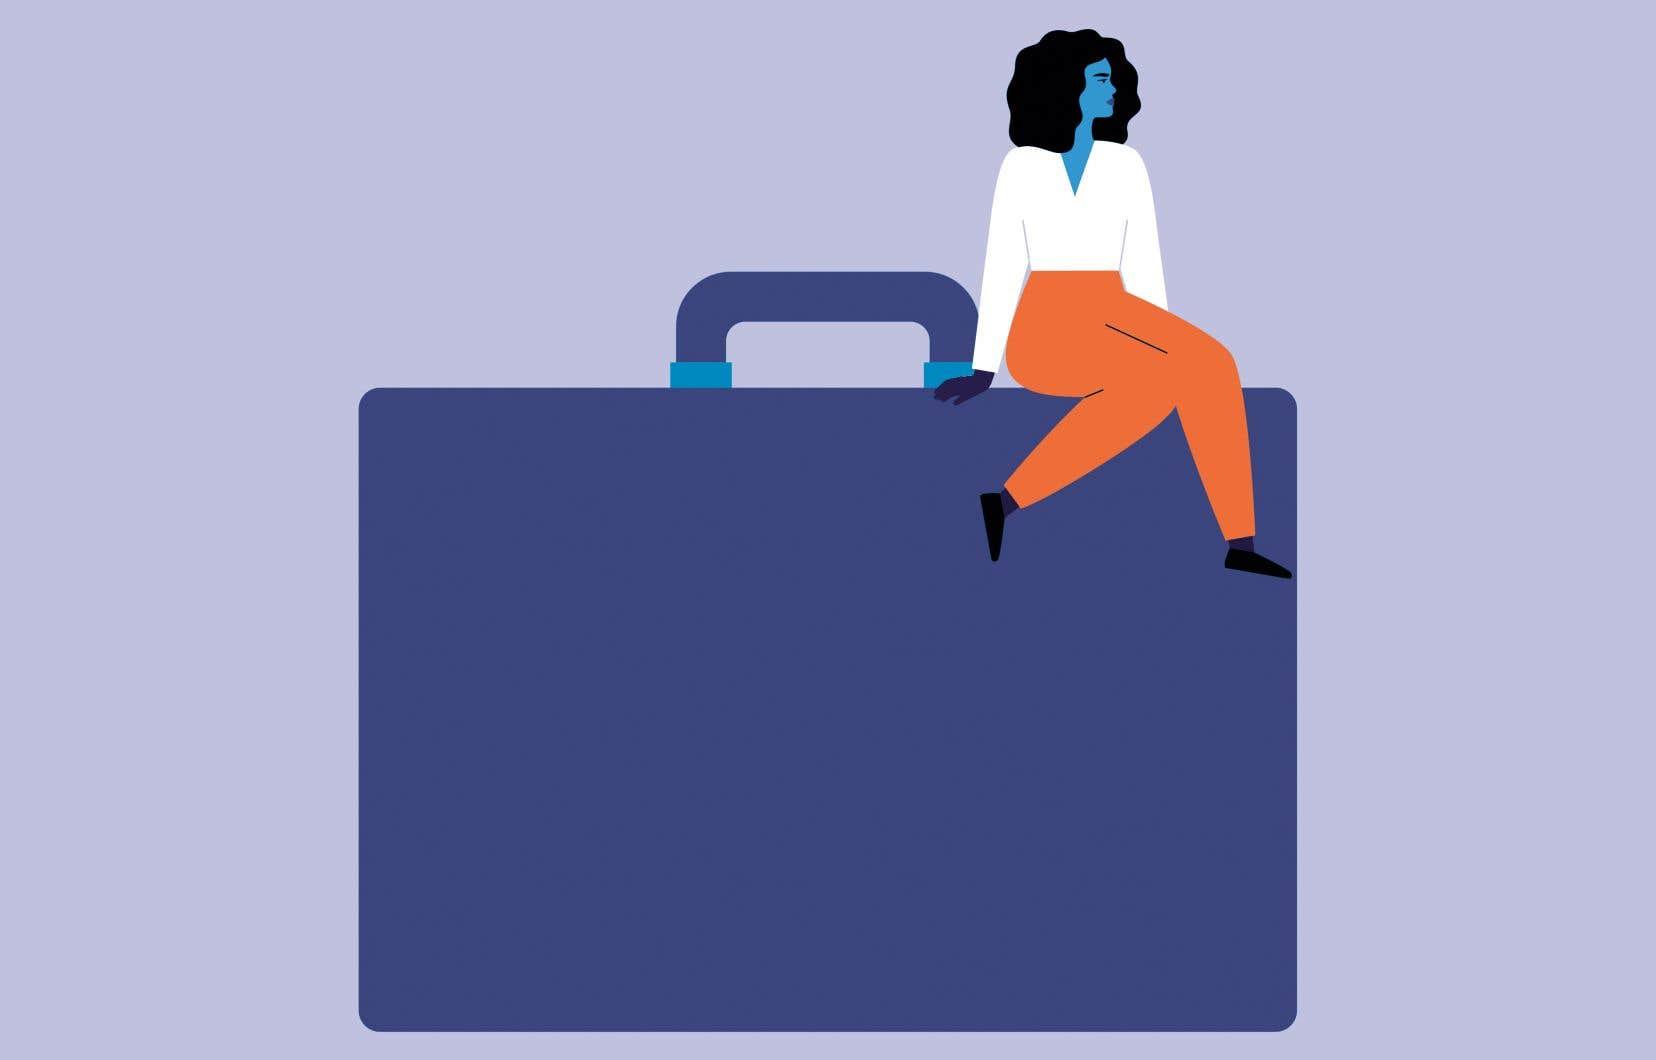 Une dirigeante d'entreprise sur quatre a suffisamment craint pour son entreprise durant la pandémie qu'elle ne pensait pas qu'elle y survive.